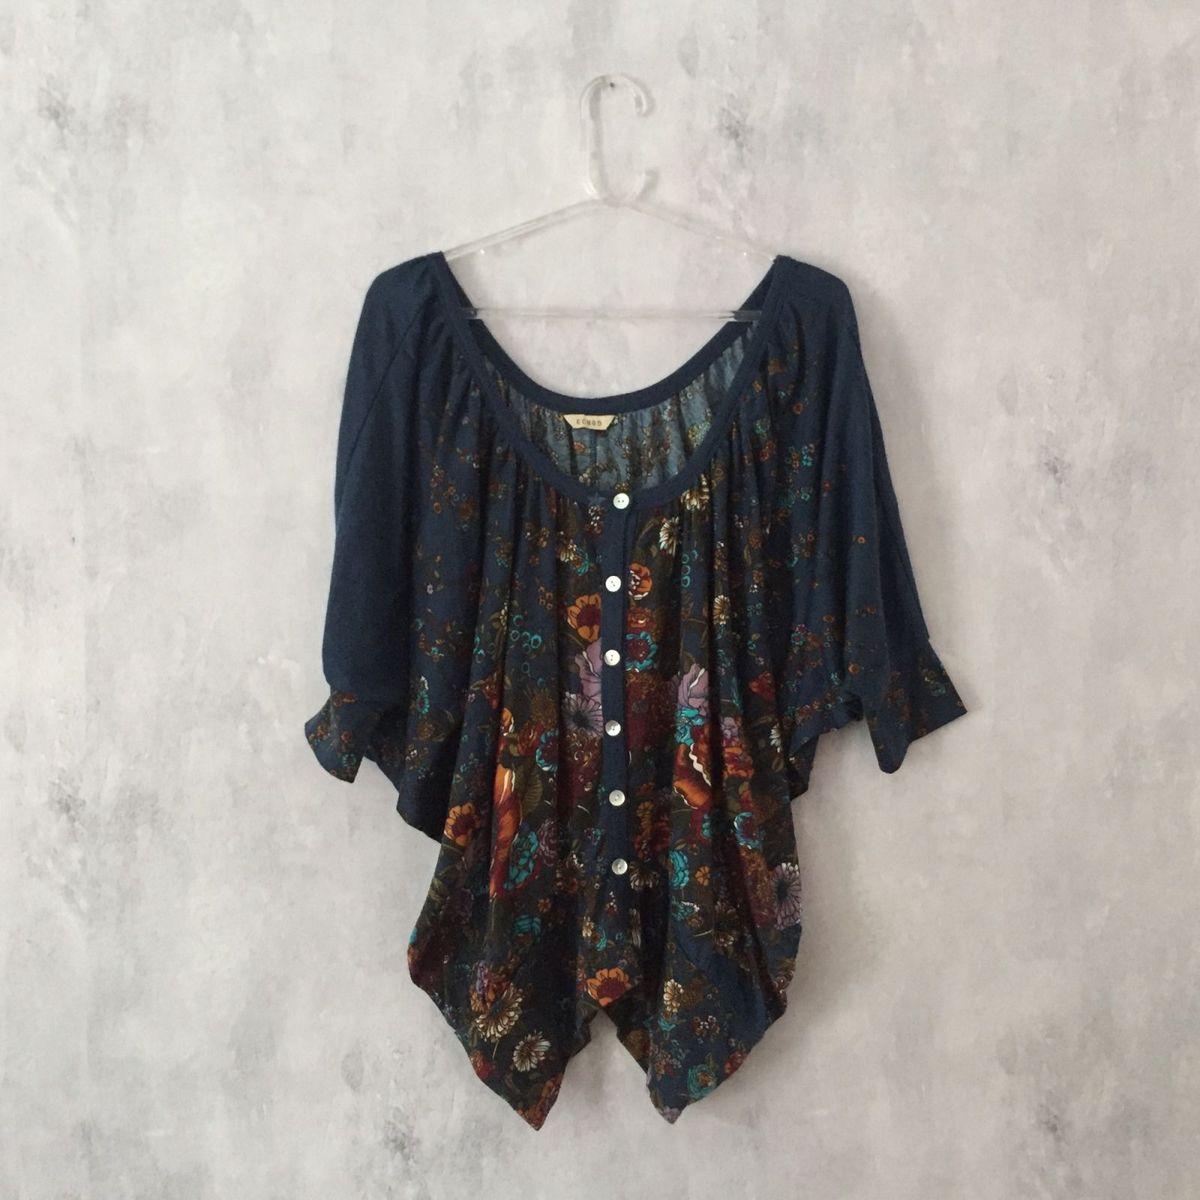 blusa estilosa london - blusas echoo.  Czm6ly9wag90b3muzw5qb2vplmnvbs5ici9wcm9kdwn0cy85mzyymtcvmjlmzwm3mddin2vhnzewmji0yjdmnza5ode0ywe3mgquanbn  ... 58ea279a4c331